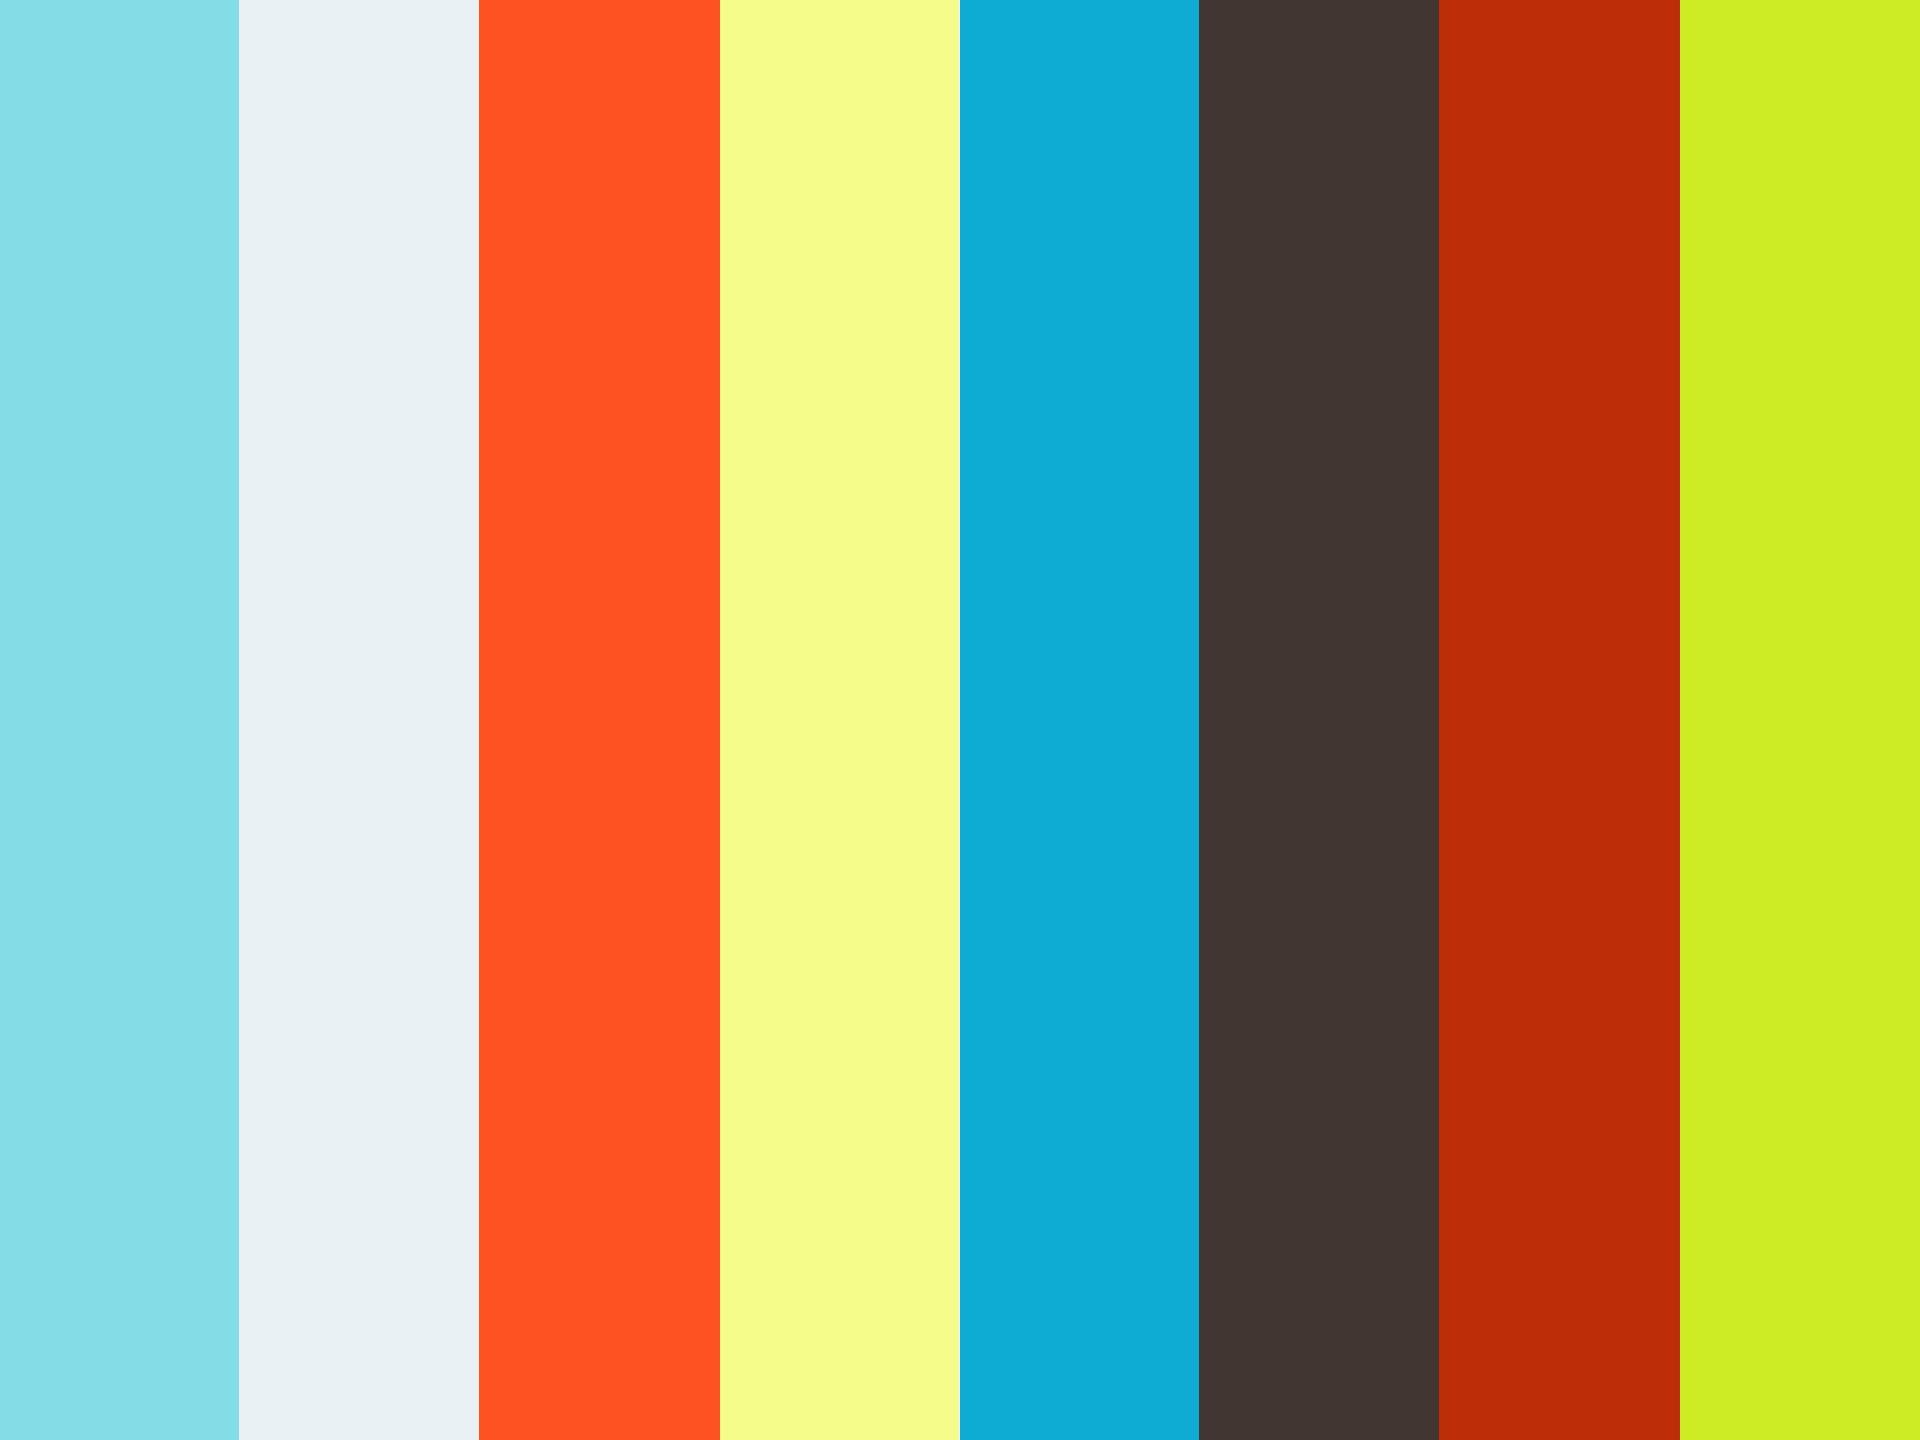 【東京デンタルショー2019】イボクラール・ビバデント株式会社「A-dec」